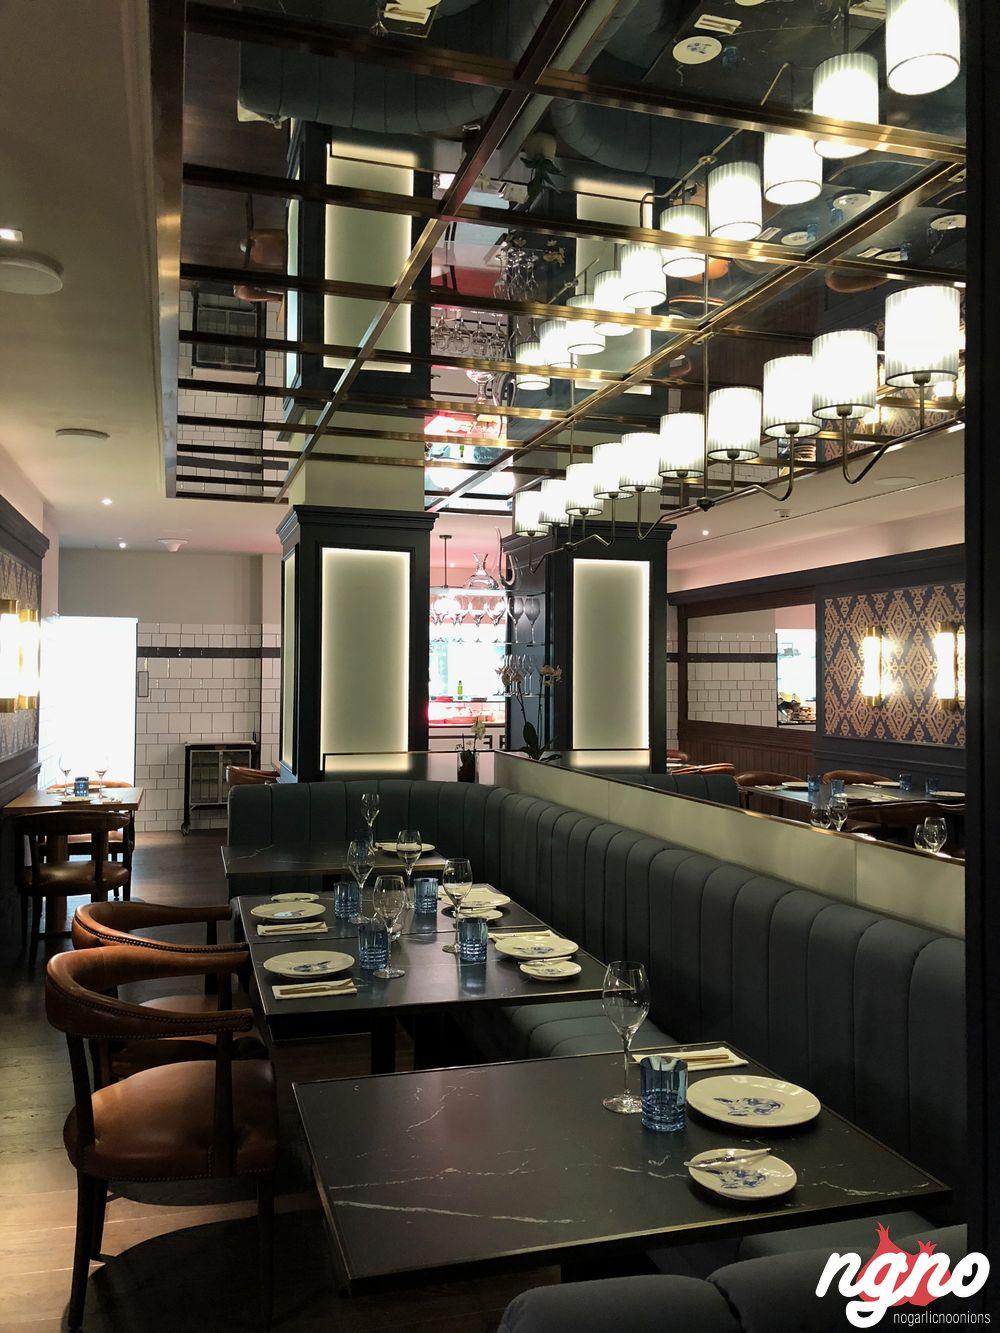 lobo8-dinner-madrid-restaurant-spain-nogarlicnoonions-1202018-09-20-11-26-13